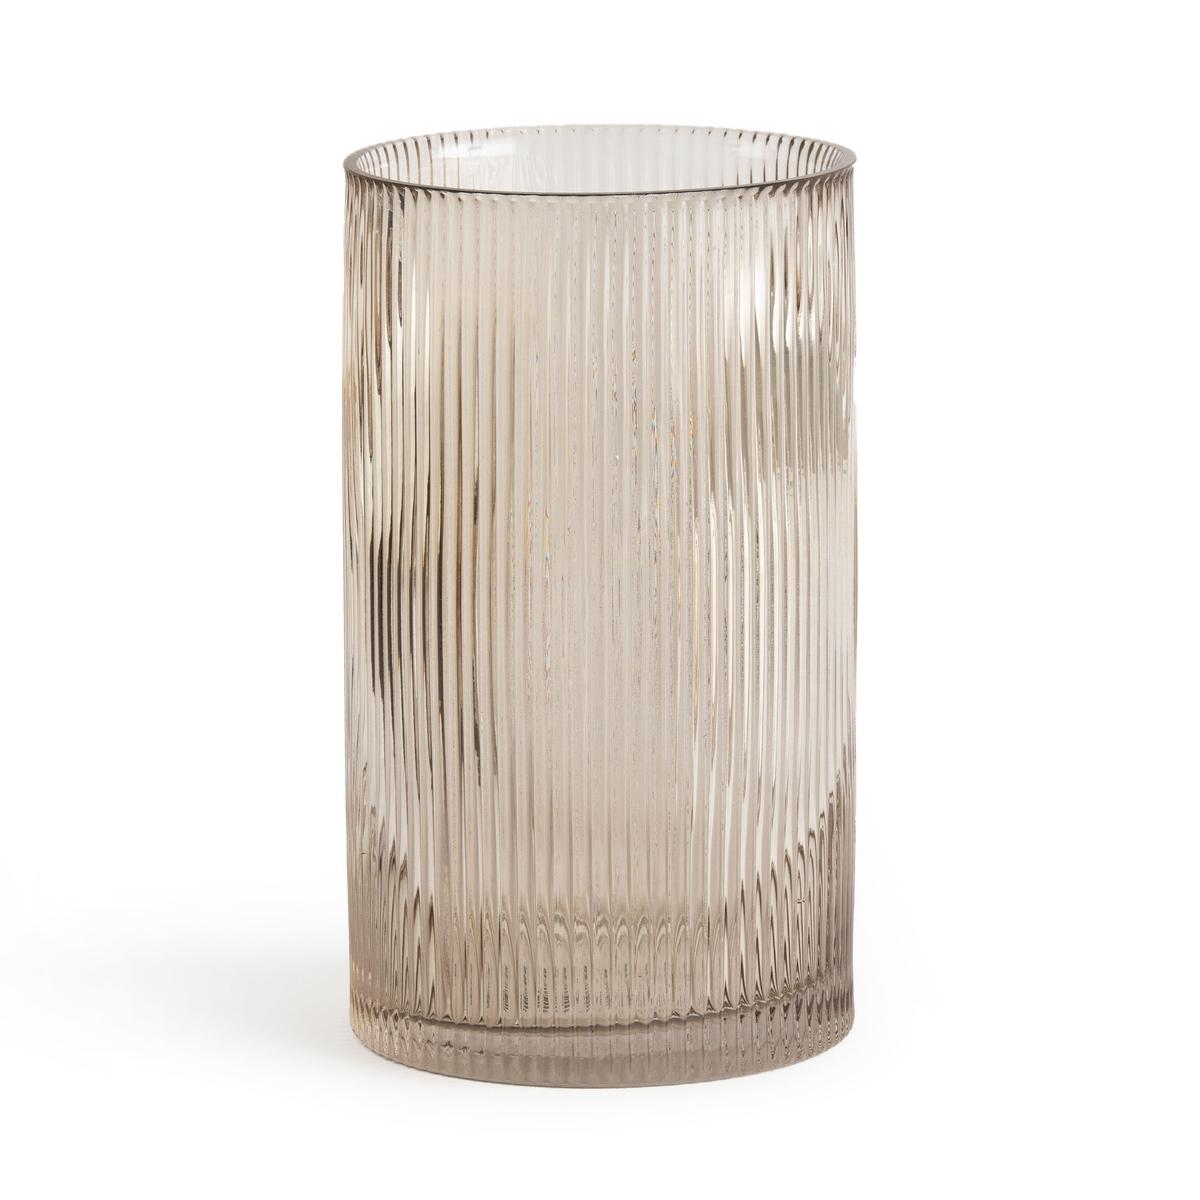 Ваза La Redoute Из стекла прямая Afa единый размер серый столик la redoute maden единый размер серый